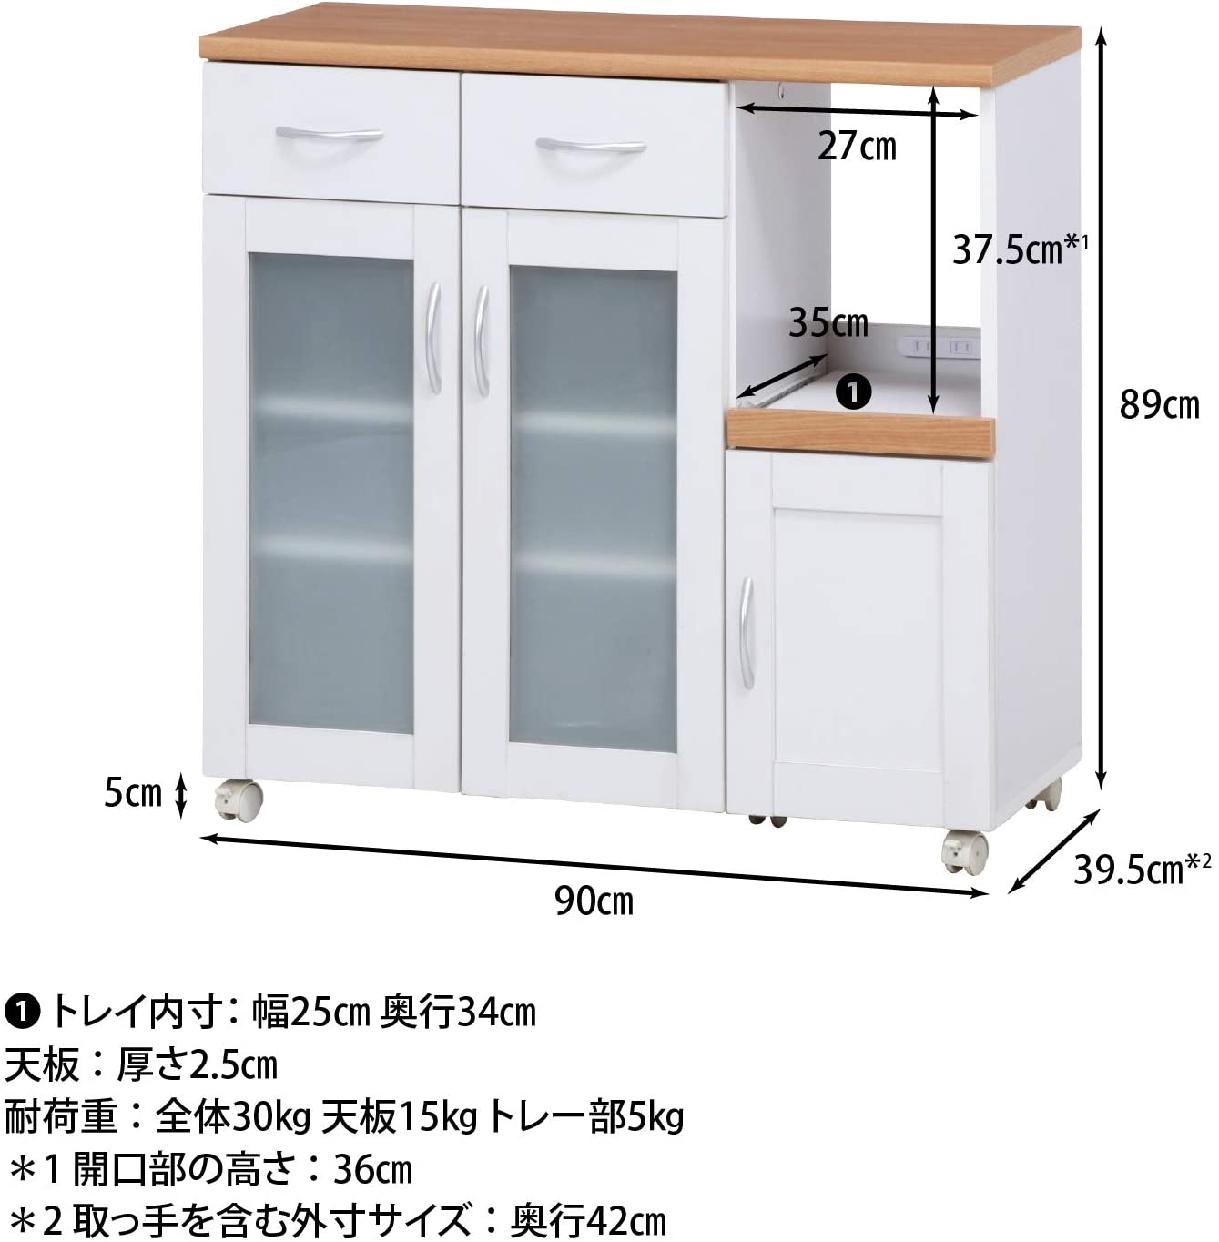 Sage(サージュ)キッチンカウンター 96819 幅90cmの商品画像4